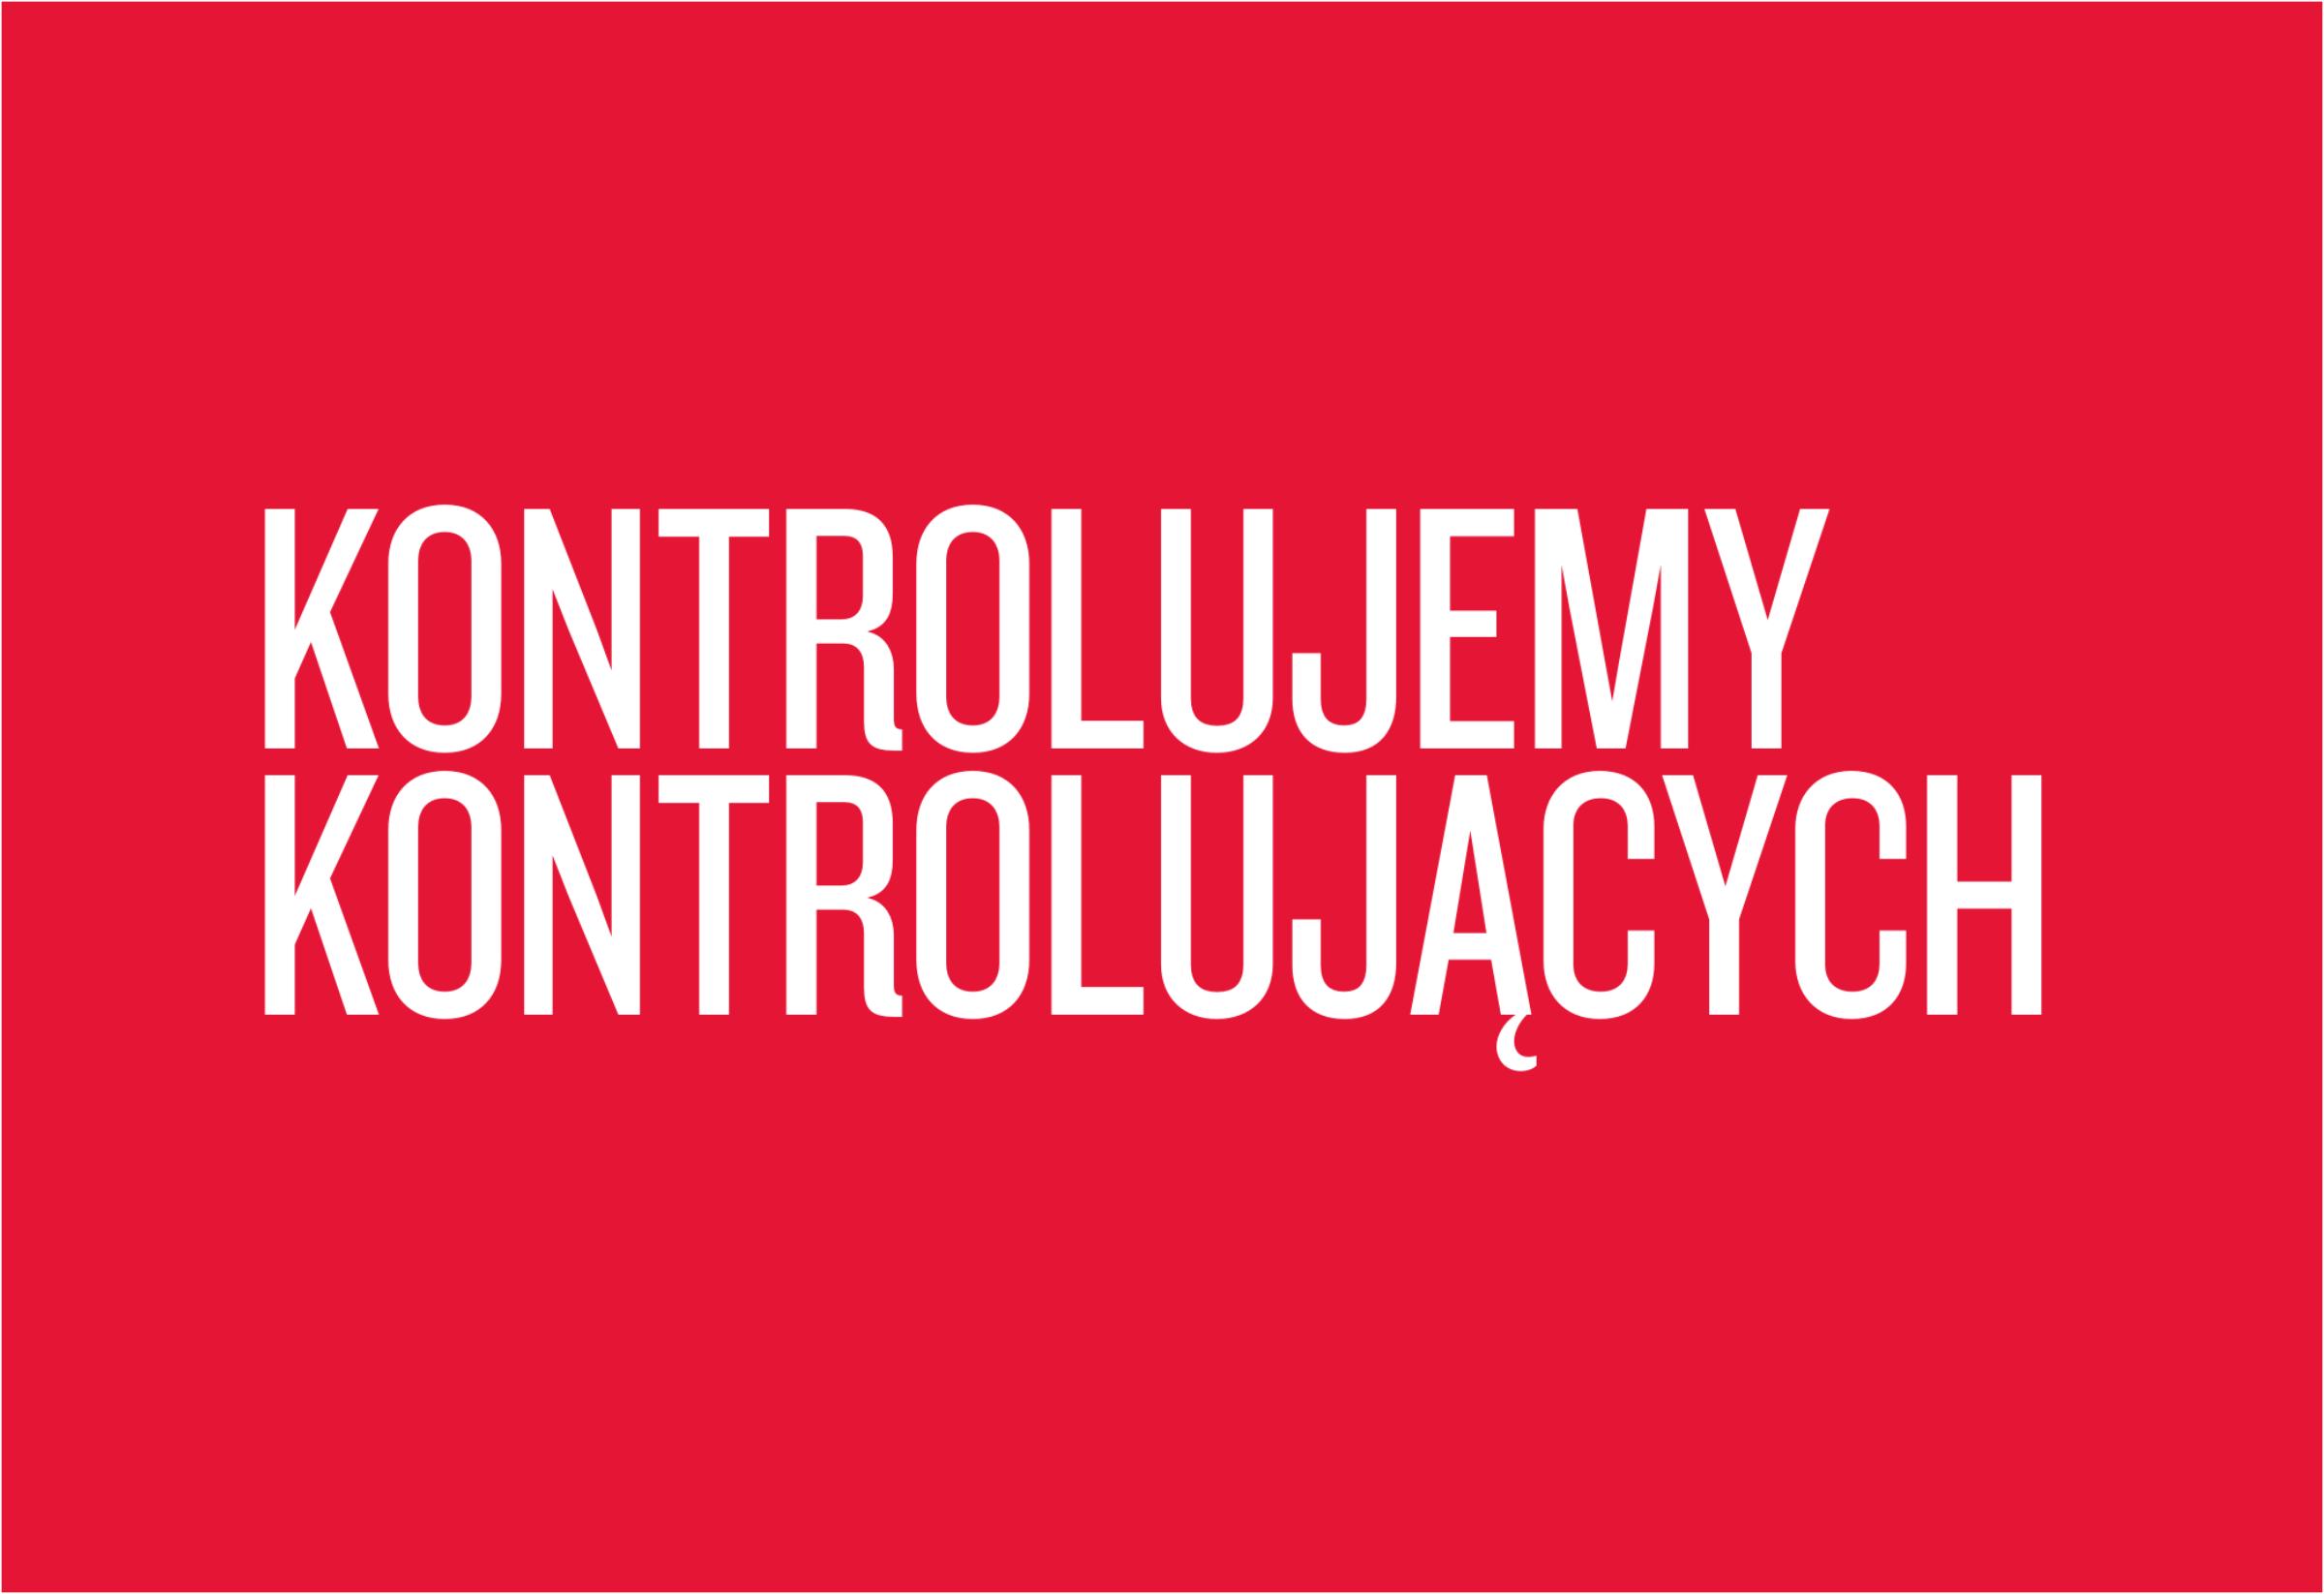 kontrolujemy_kontrolujących